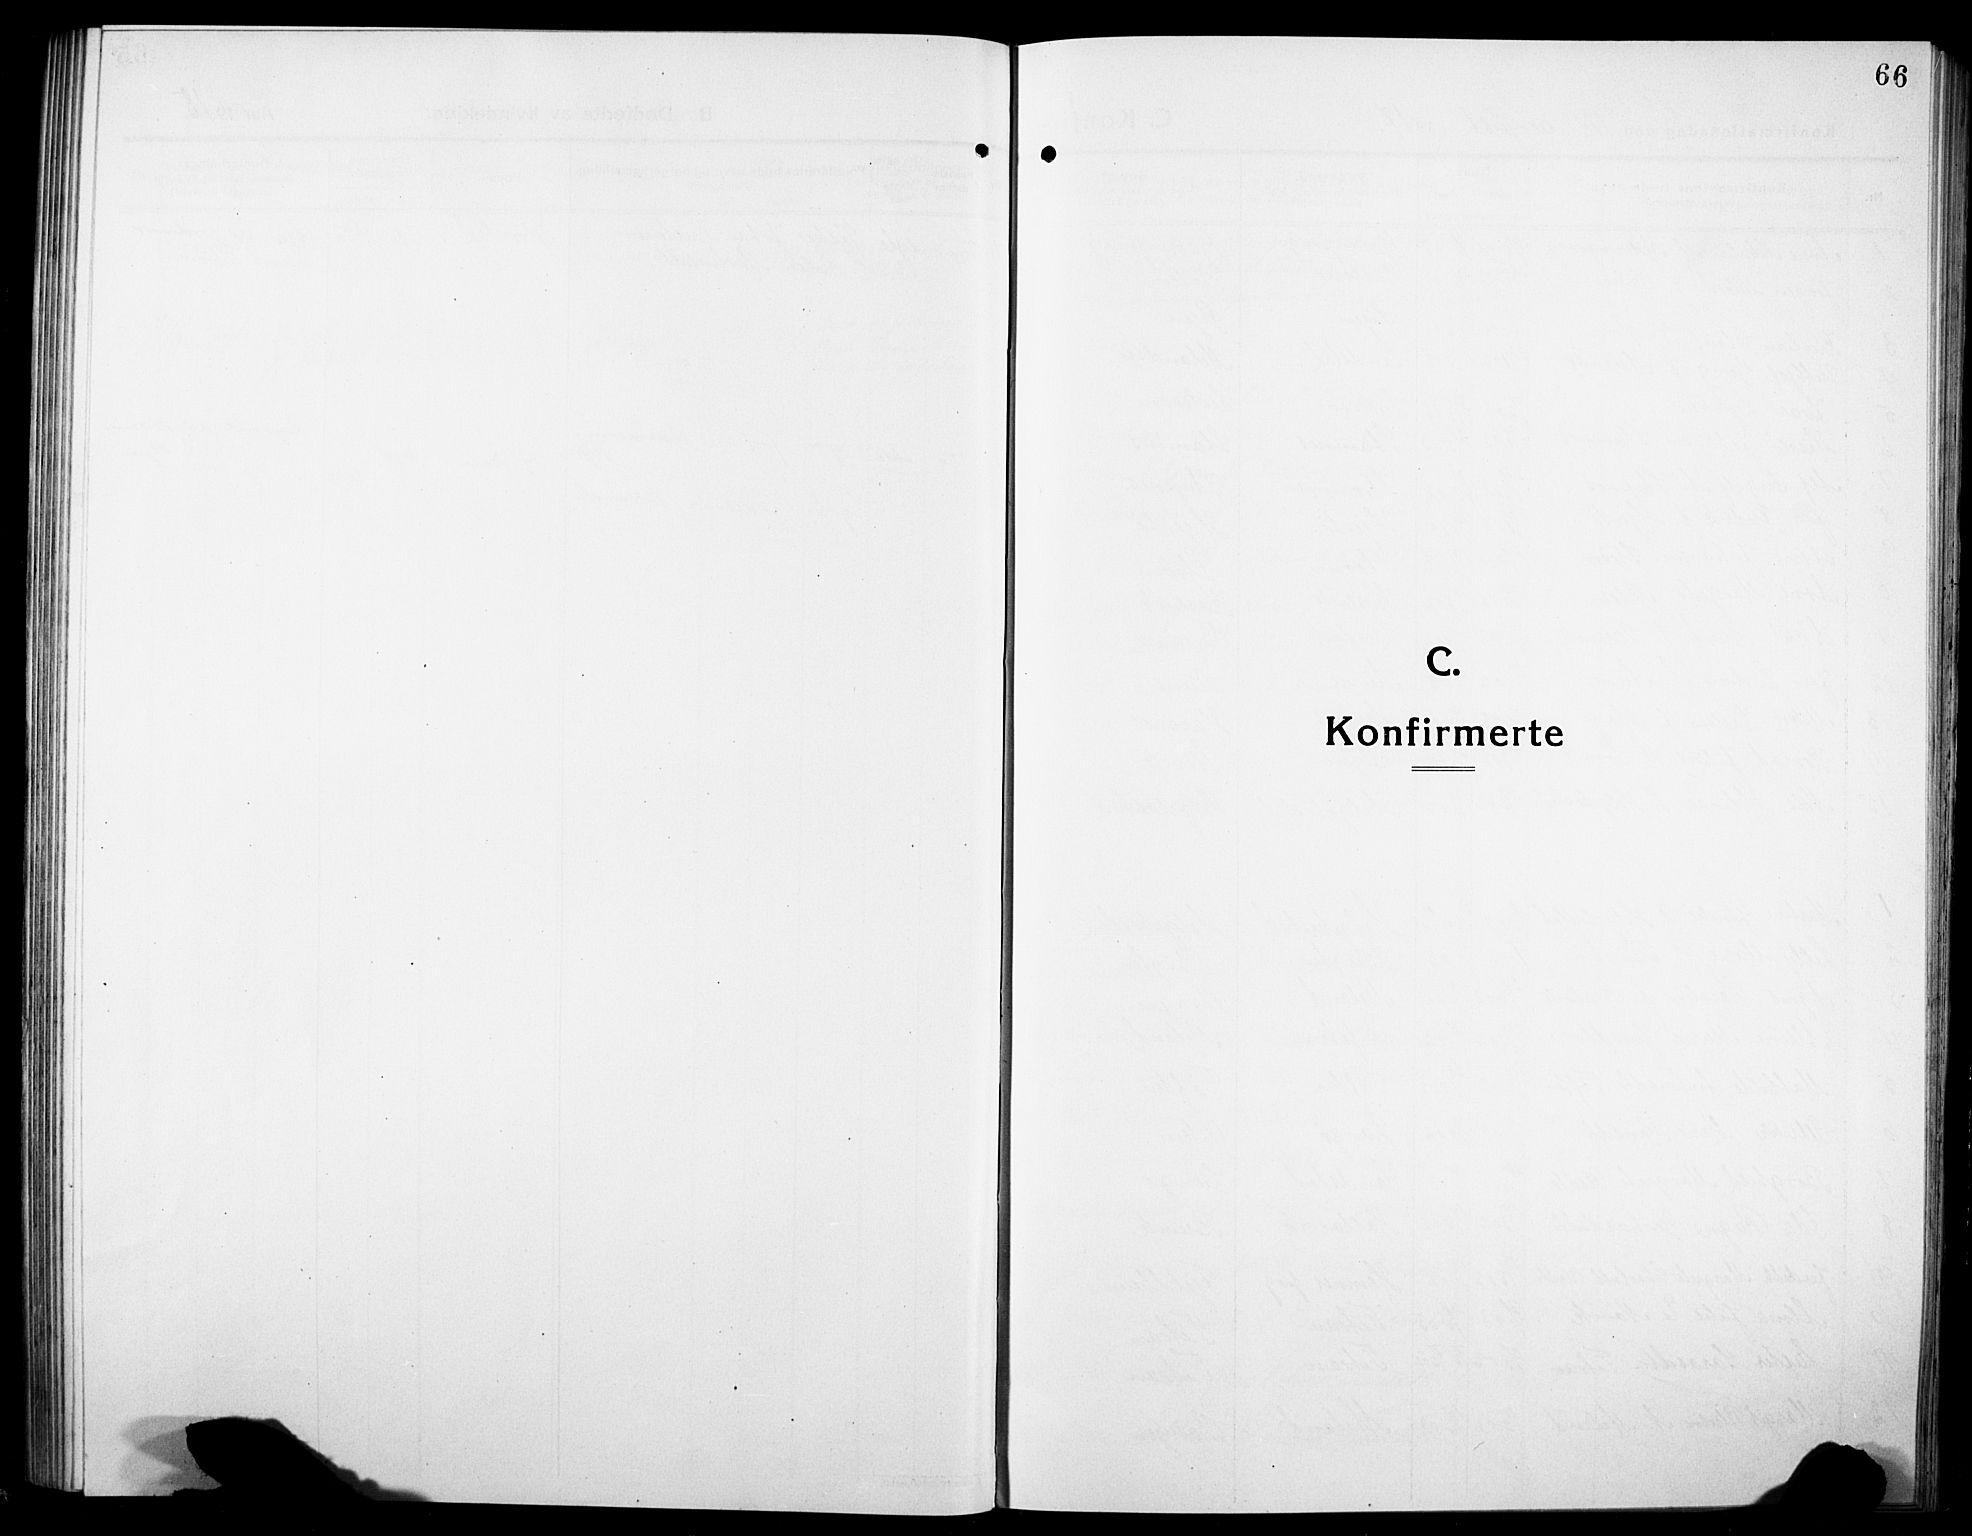 SAT, Ministerialprotokoller, klokkerbøker og fødselsregistre - Sør-Trøndelag, 634/L0543: Klokkerbok nr. 634C05, 1917-1928, s. 66